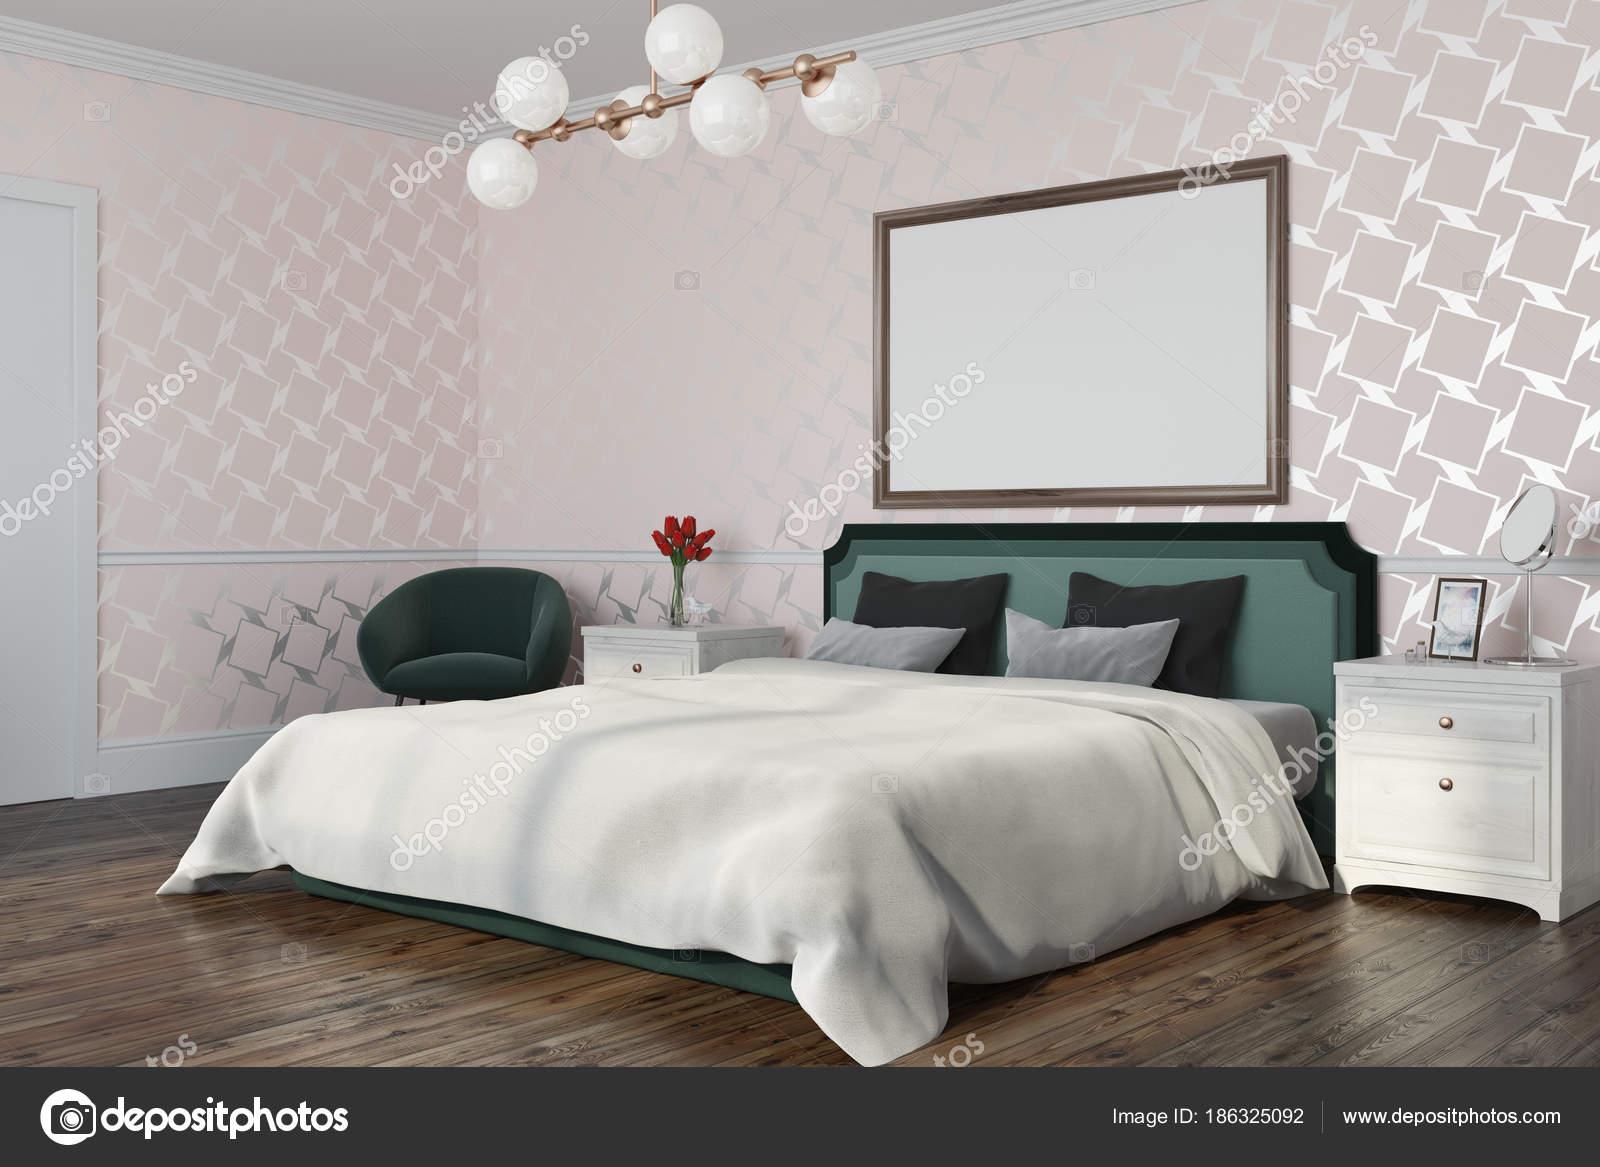 Weiße Muster Schlafzimmer mit einem Plakat — Stockfoto ...